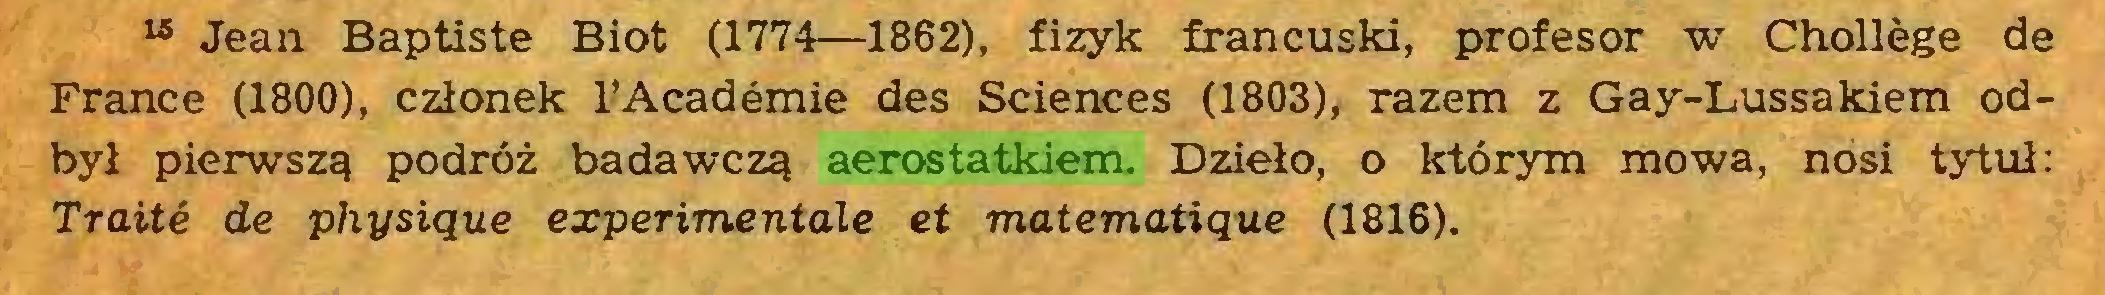 (...) 15 Jean Baptiste Biot (1774—1862), fizyk francuski, profesor w Chollège de France (1800), członek l'Académie des Sciences (1803), razem z Gay-Lussakiem odbył pierwszą podróż badawczą aerostatkiem. Dzieło, o którym mowa, nosi tytuł: Traité de physique experimentale et matematique (1816)...